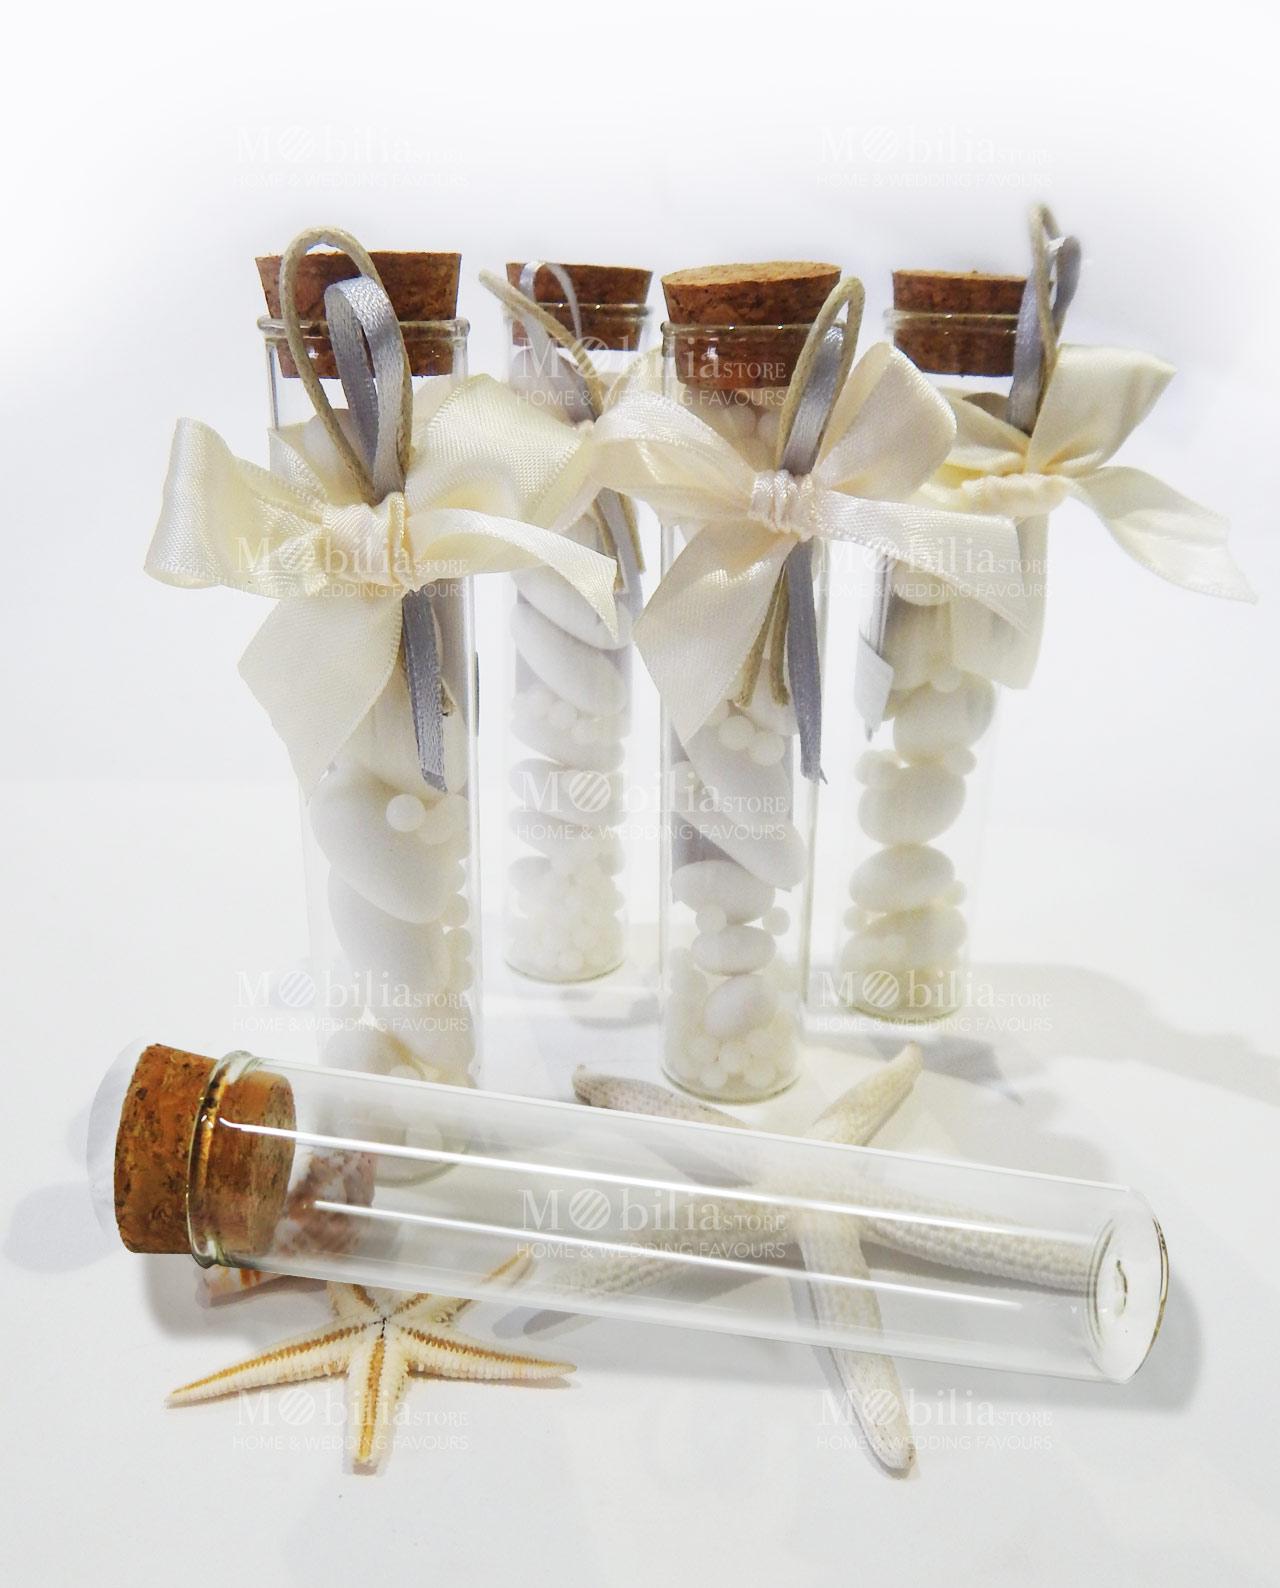 Matrimonio Country Chic Bomboniere : Stunning bomboniere tubo vetro shabby chic with